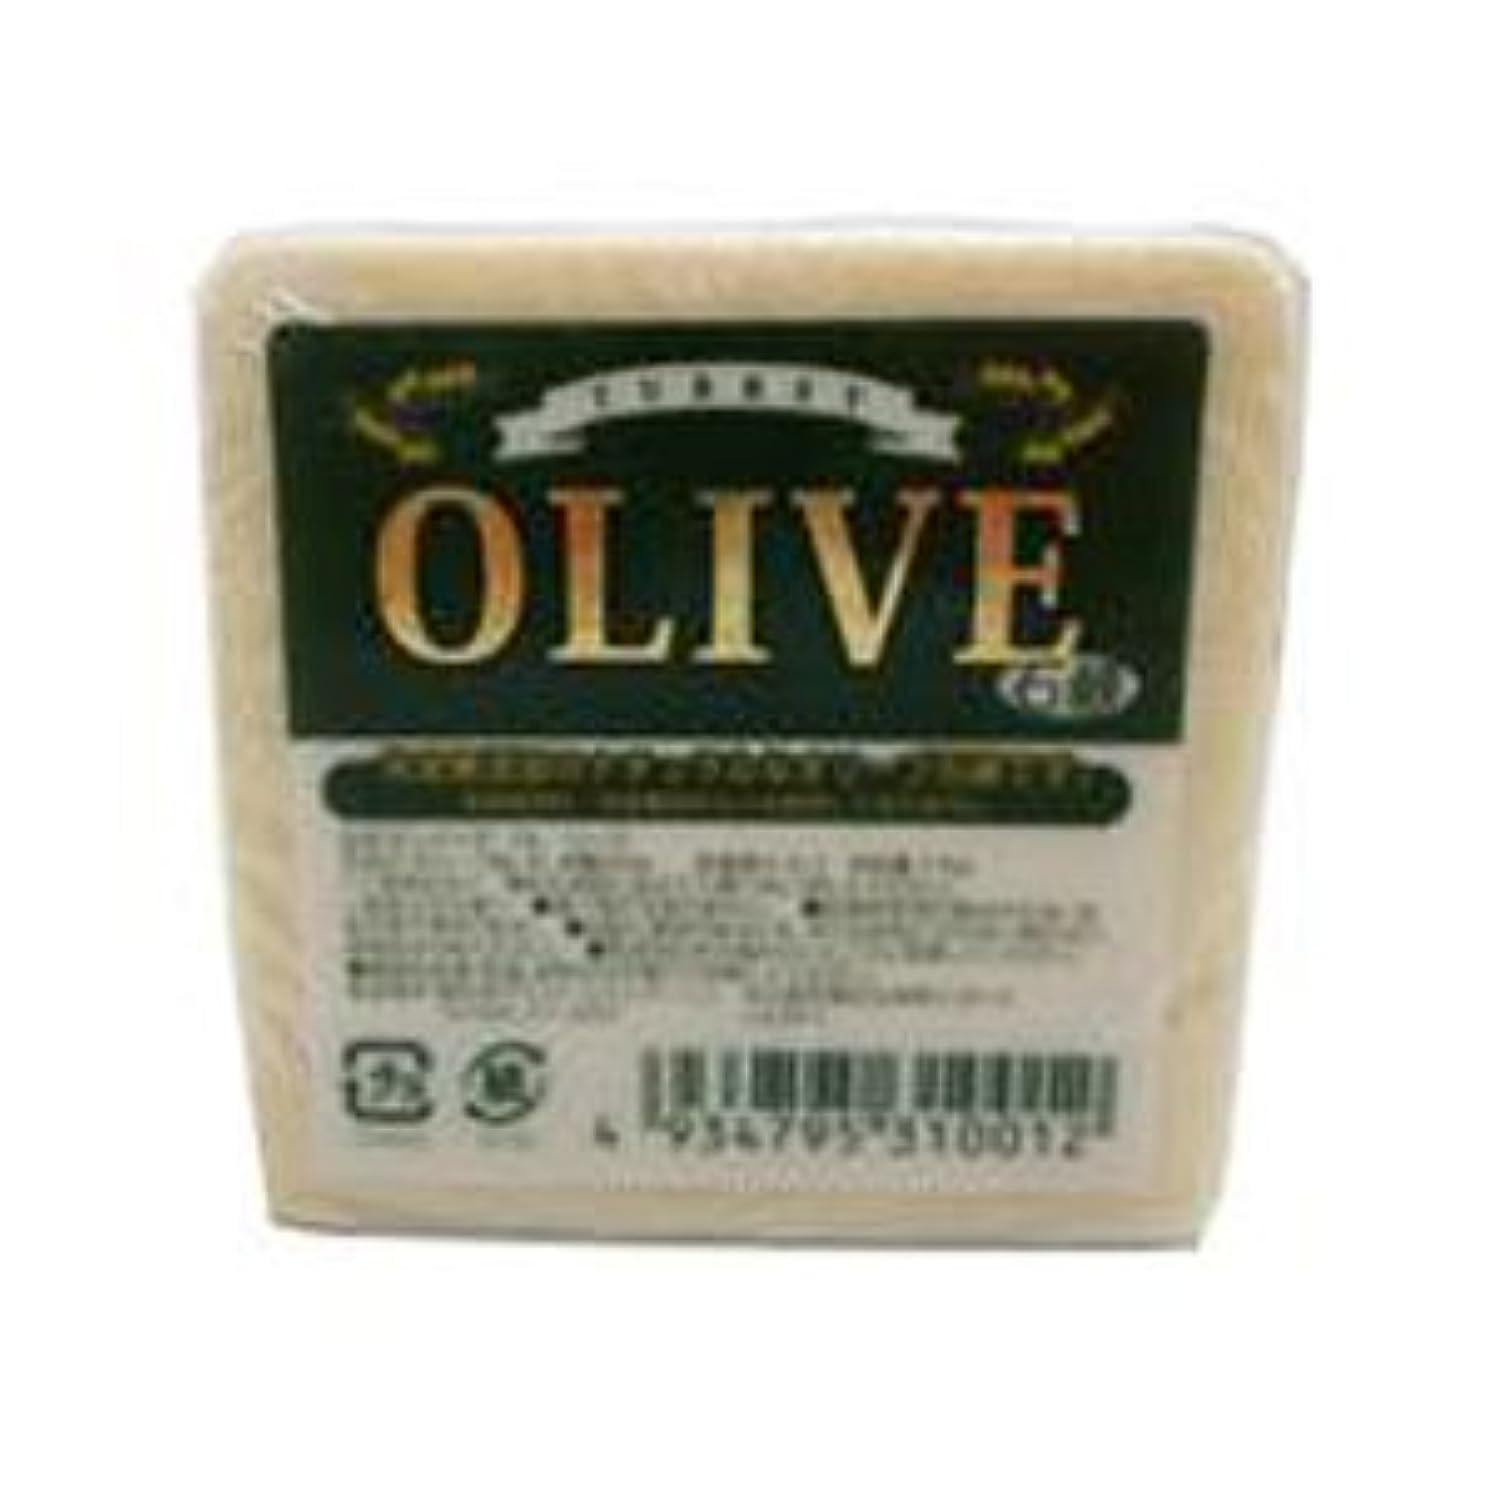 アルカトラズ島大使漂流お得な5個セット トルコ産オリーブを使用した無添加石鹸 ターキーオリーブ石鹸 135g